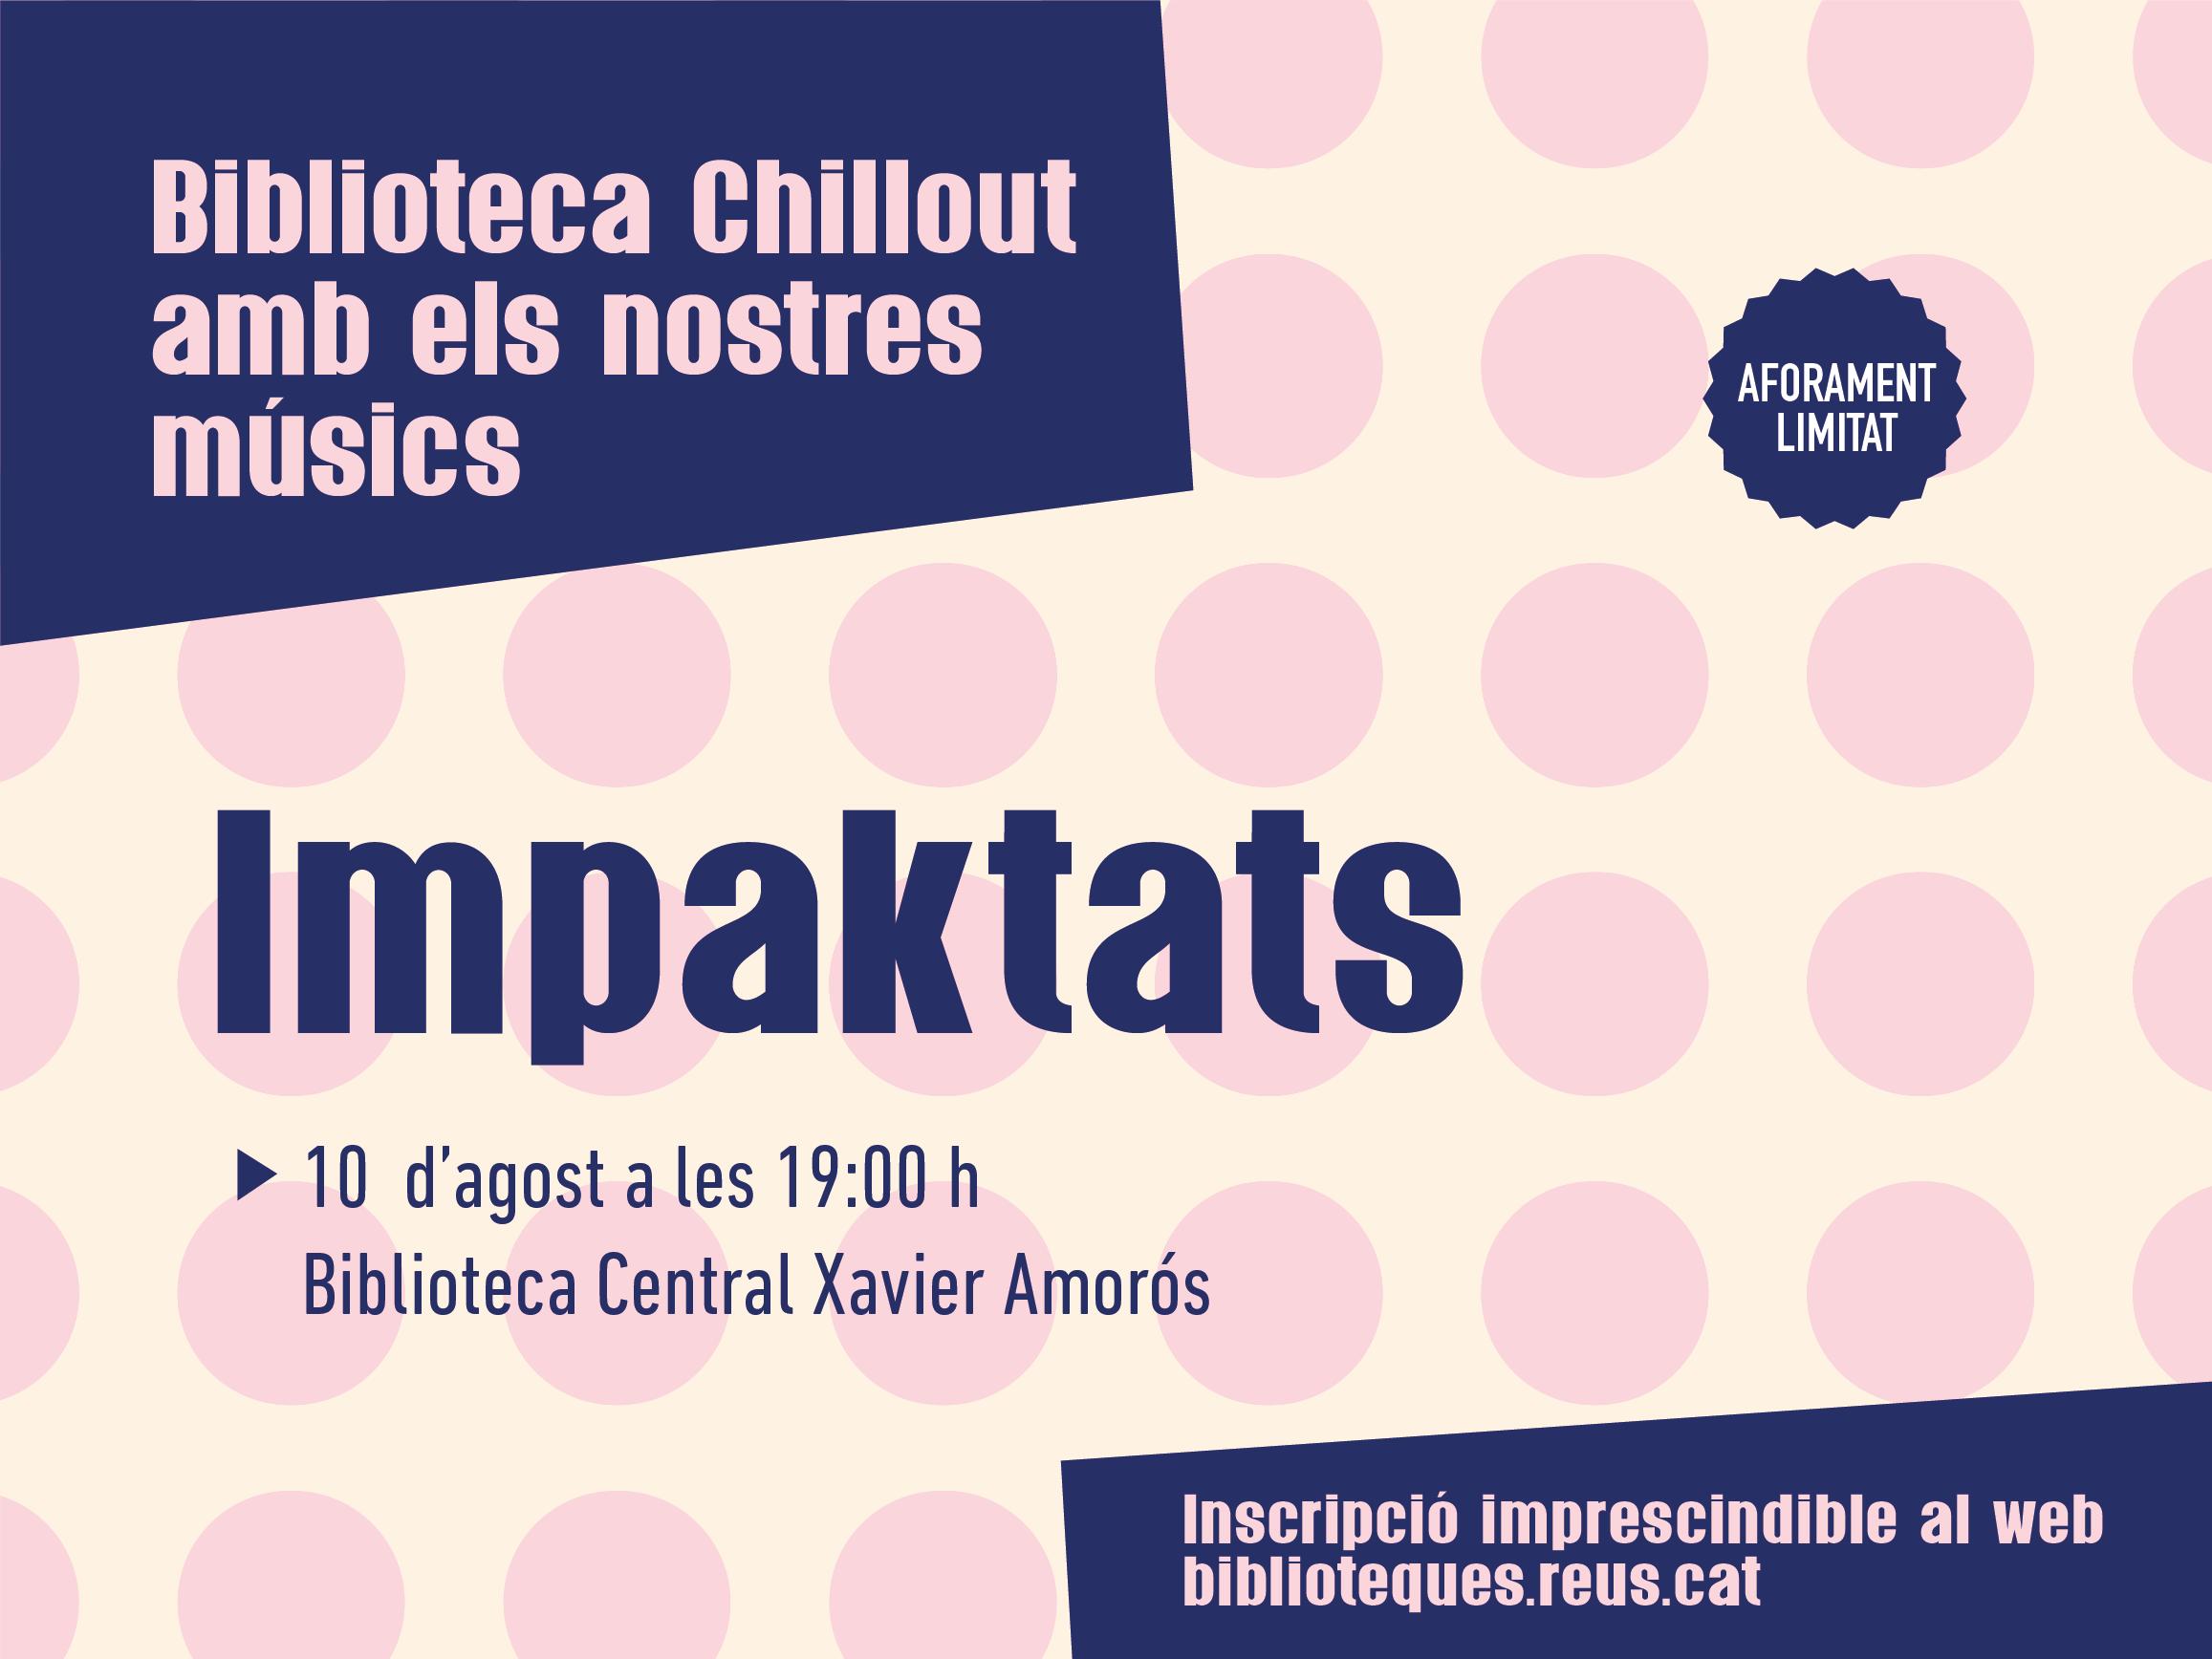 Biblioteques Municipals de Reus: Biblioteca Chillout amb els nostres músics - Impaktats